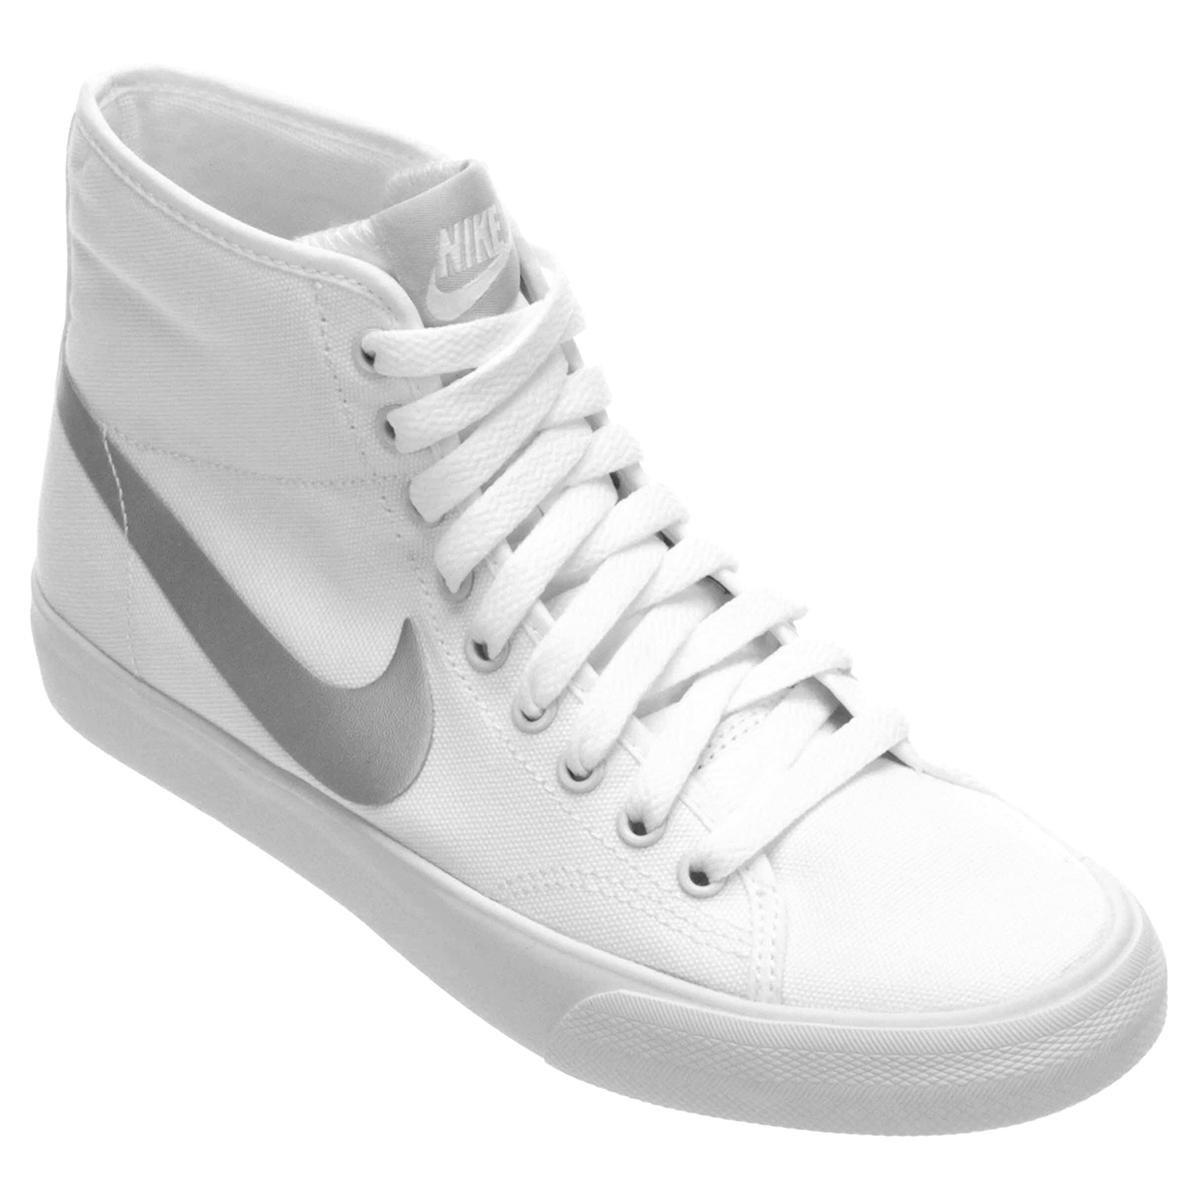 7d9e2f3e0a6 Tênis Nike Primo Court Mid Canvas - Compre Agora